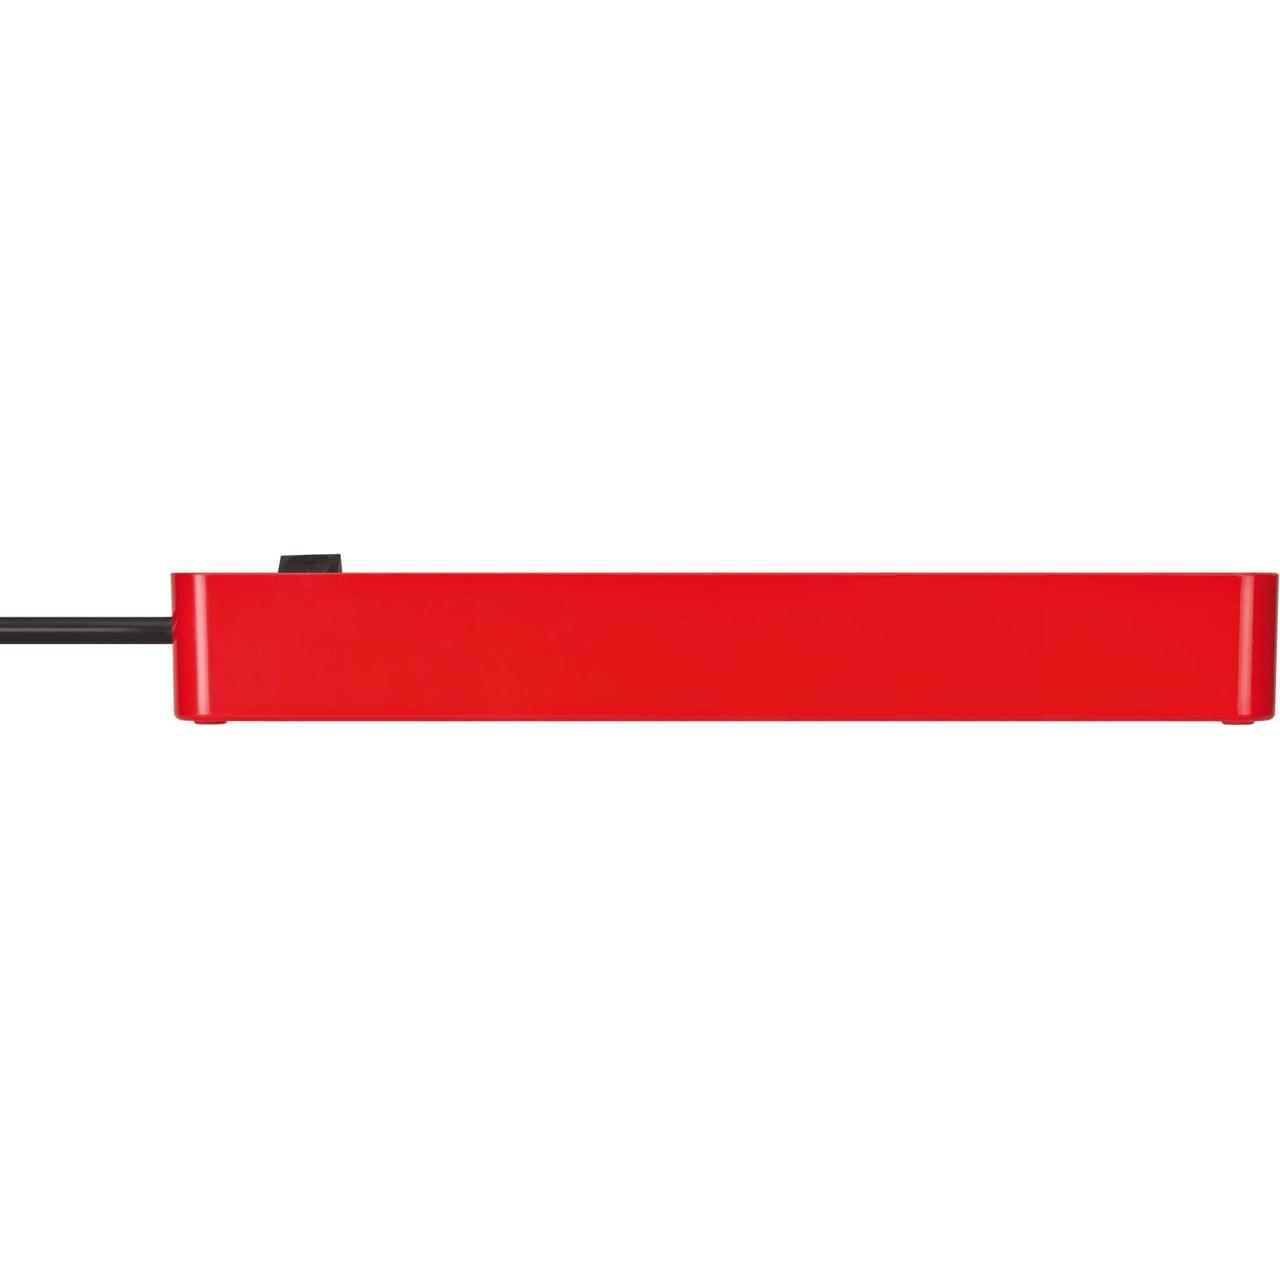 Удлинитель Brennenstuhl Ecolor, красный, 1,5м, 16А, 3600Вт., 6 розеток с выключателем, кабель H05VV-F 3G1,5кв.мм.